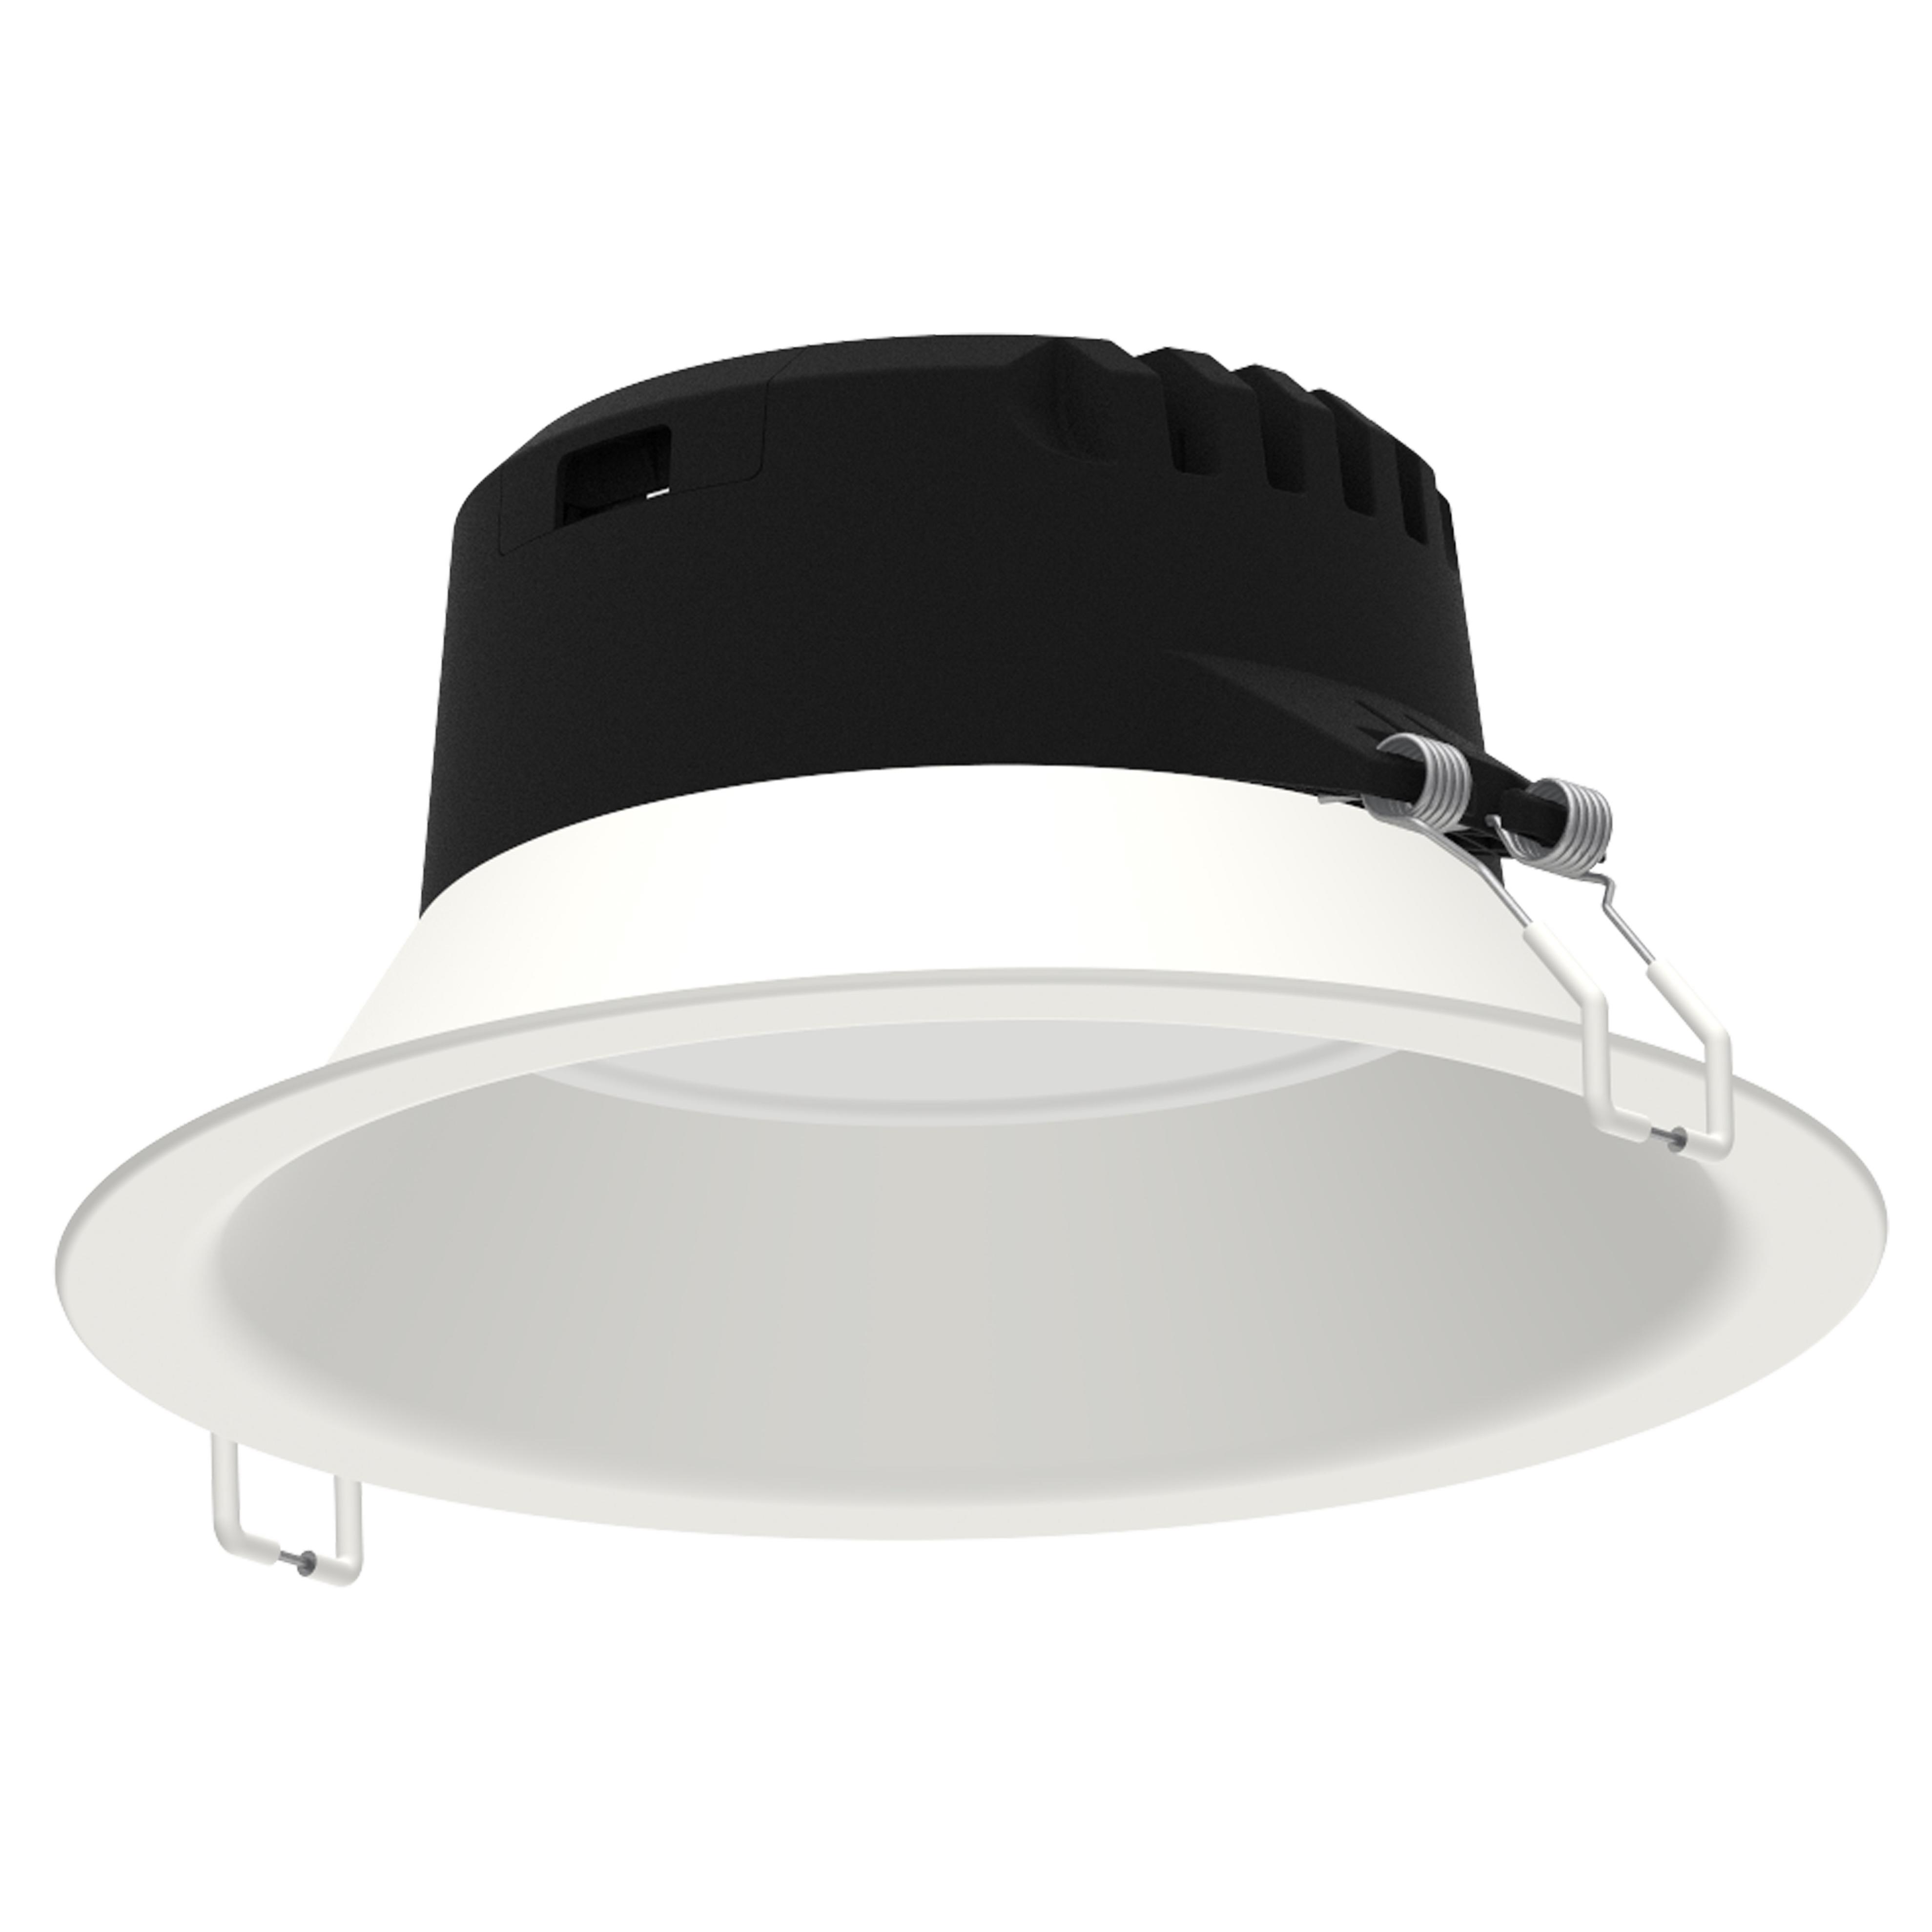 Встраиваемый светильник Mantra Medano 6395, белый, металл - фото 1